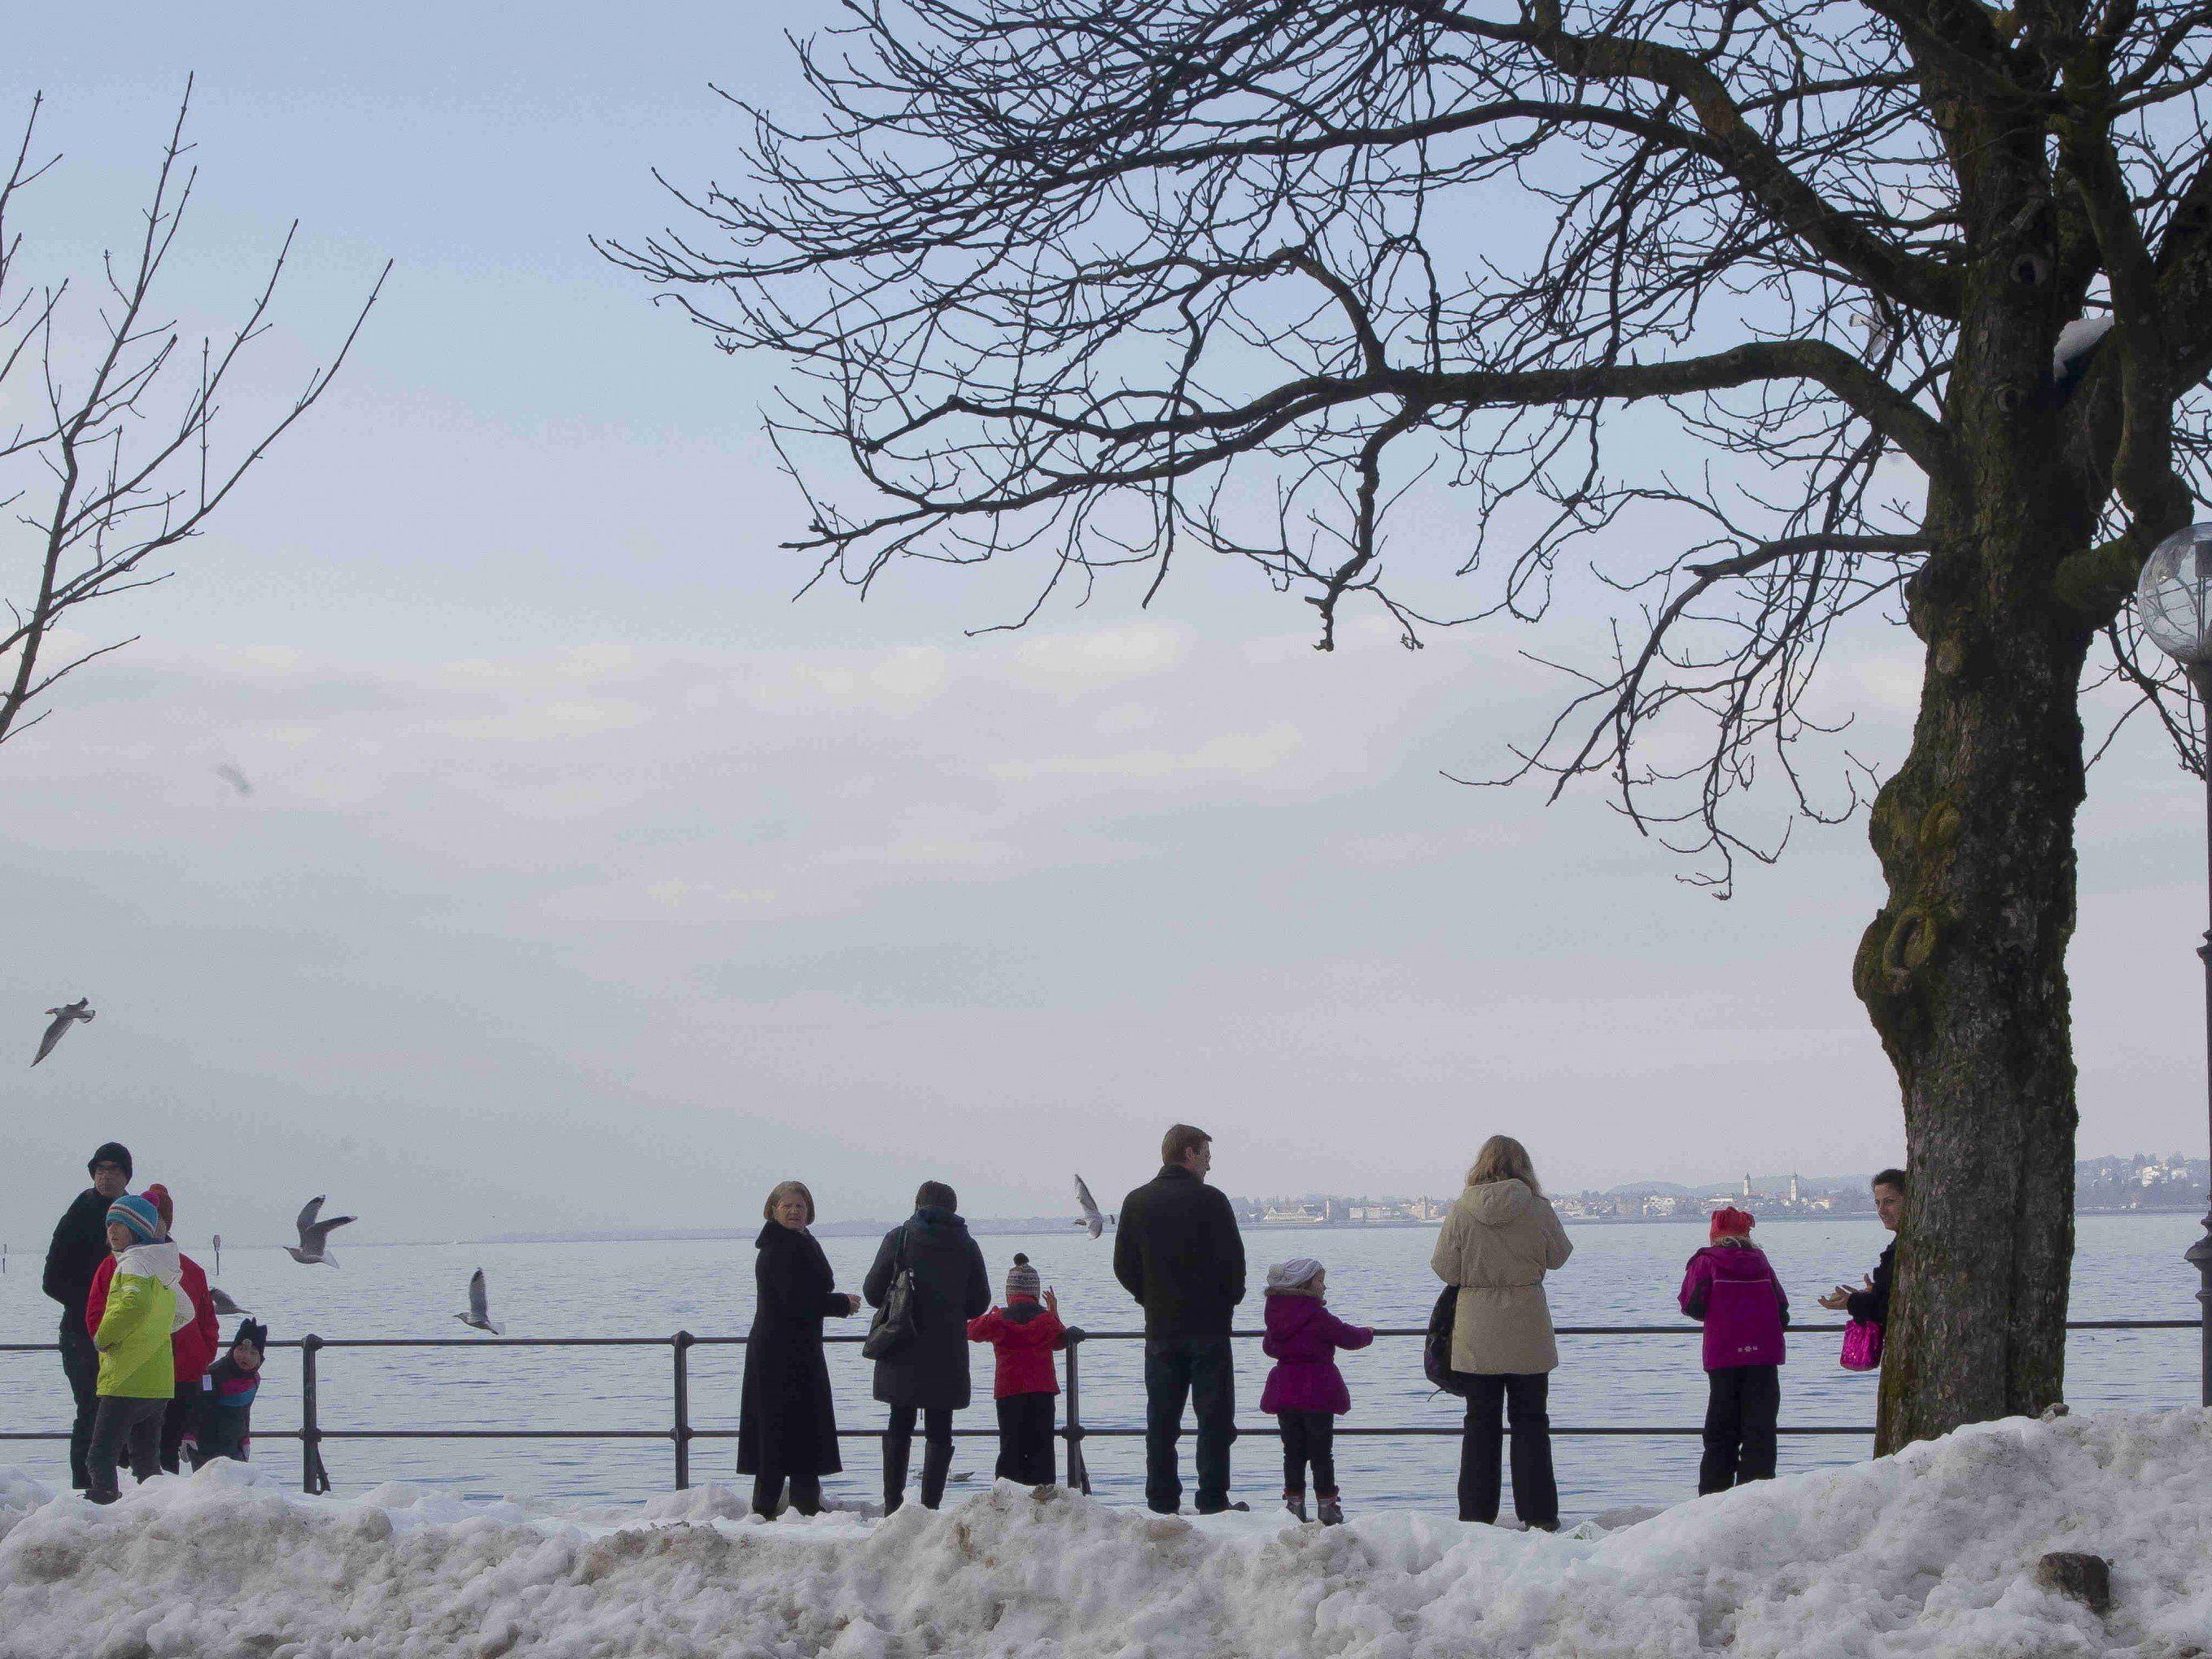 Die Temperaturdaten für Bregenz llassen auf einen richtig kalten Jänner 2017 schließen.